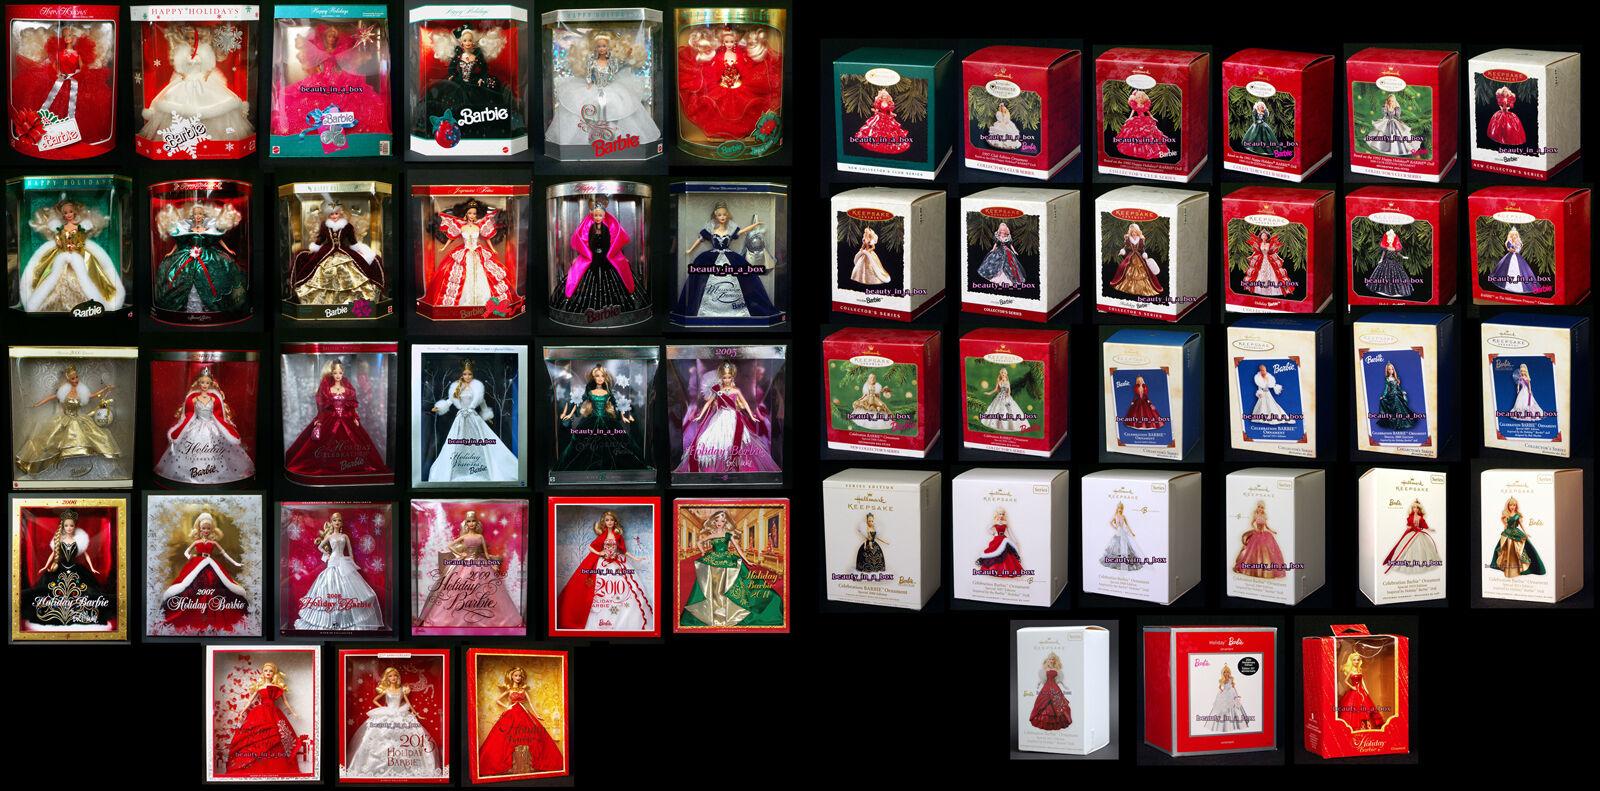 Vacaciones Barbie Muñeca 1988 - 2014 celebración del sello Ornamento 1992 2009 2013 Exc